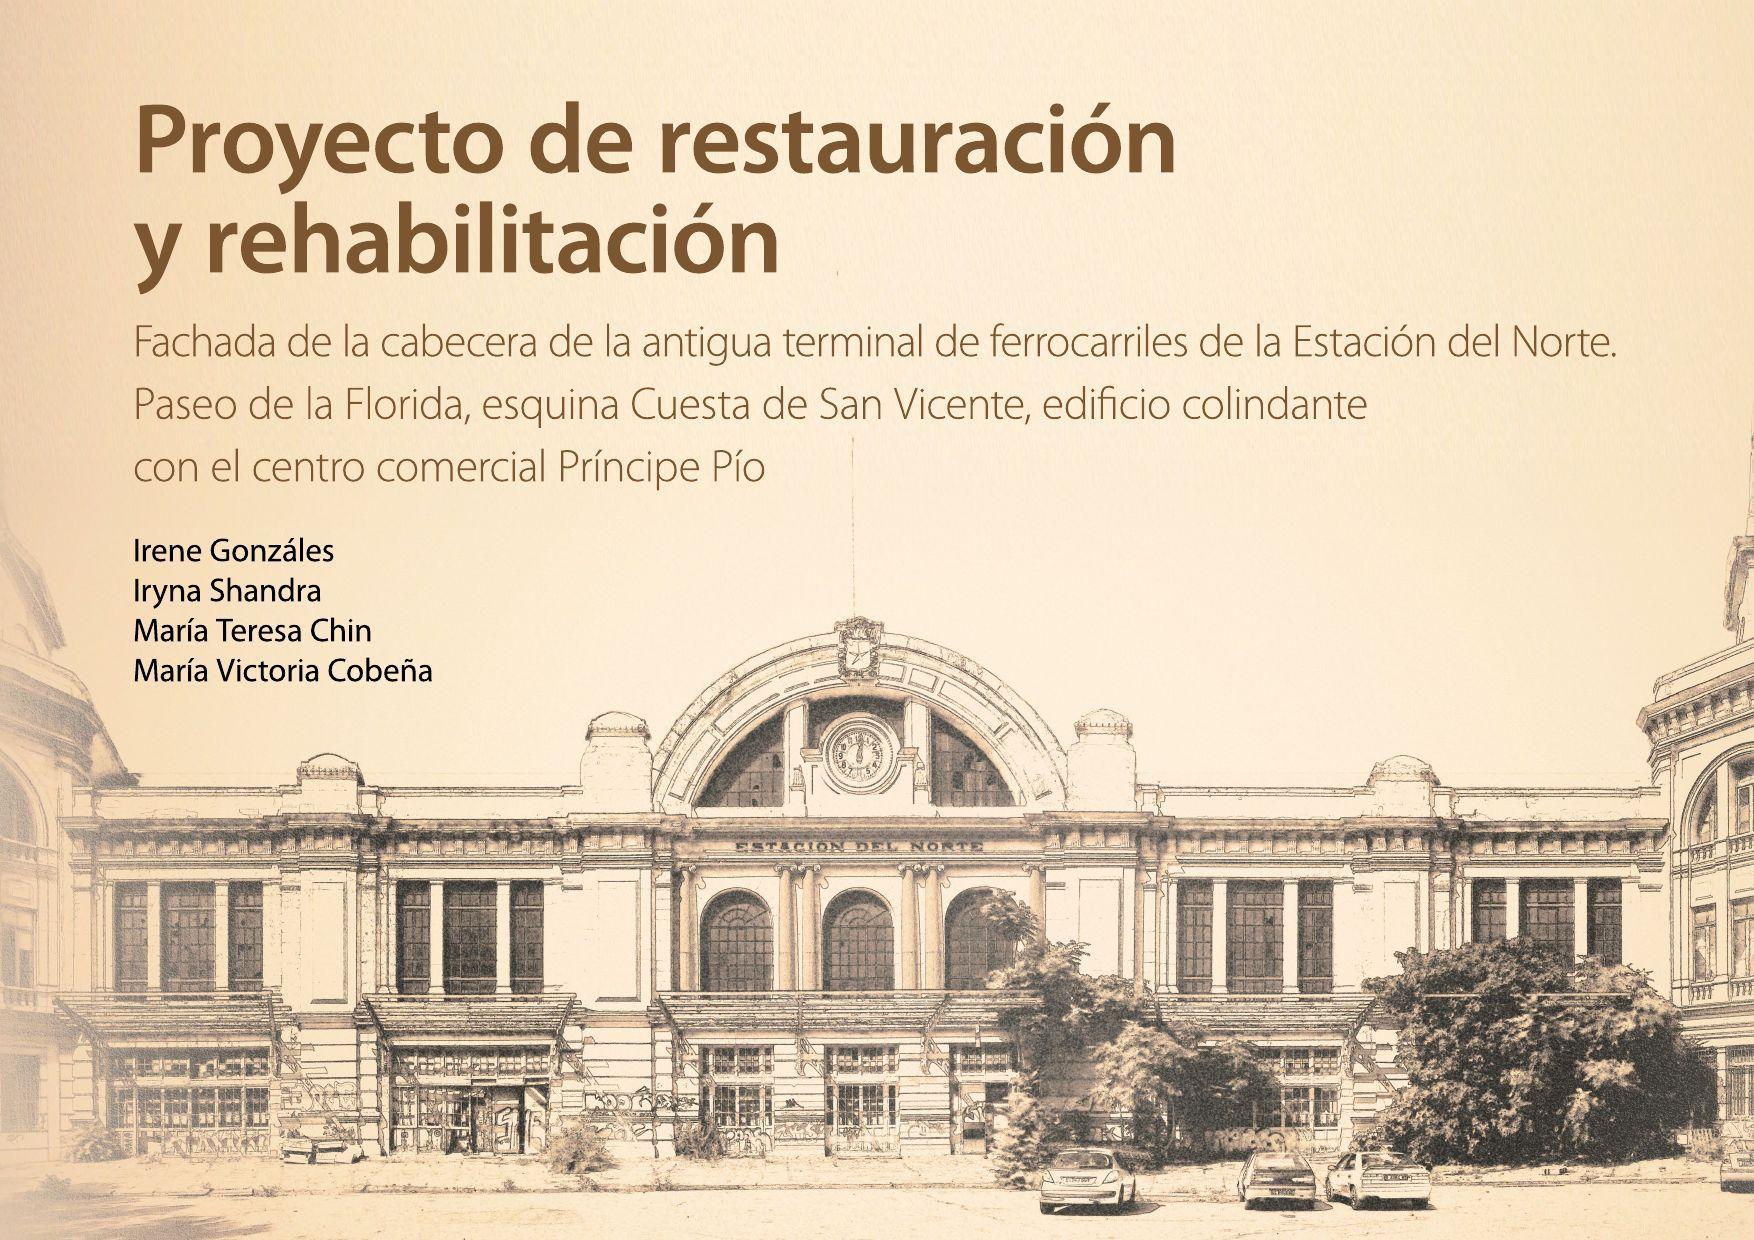 PROYECTO DE RESTAURACION PRINCIPE PIO PROYECTO RESTAURACION PRINCIPE PIO